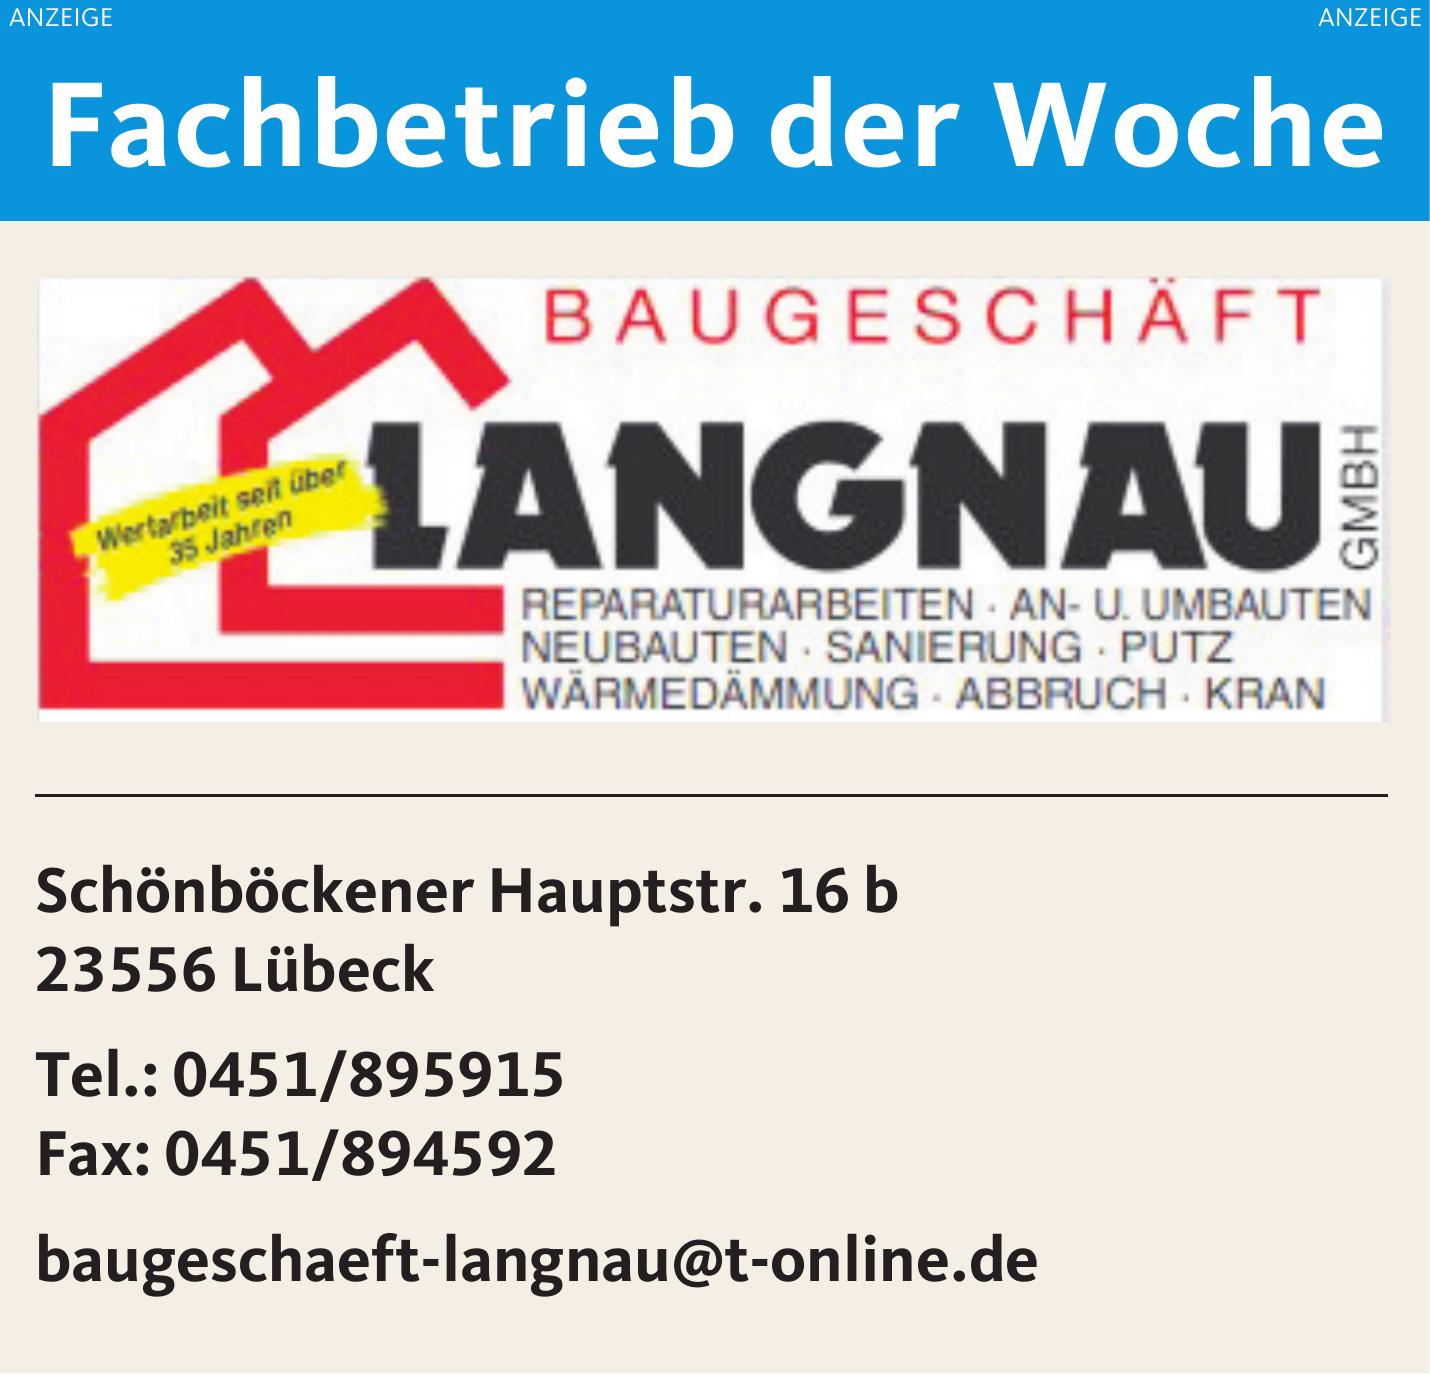 Baugeschäft Langnau GmbH